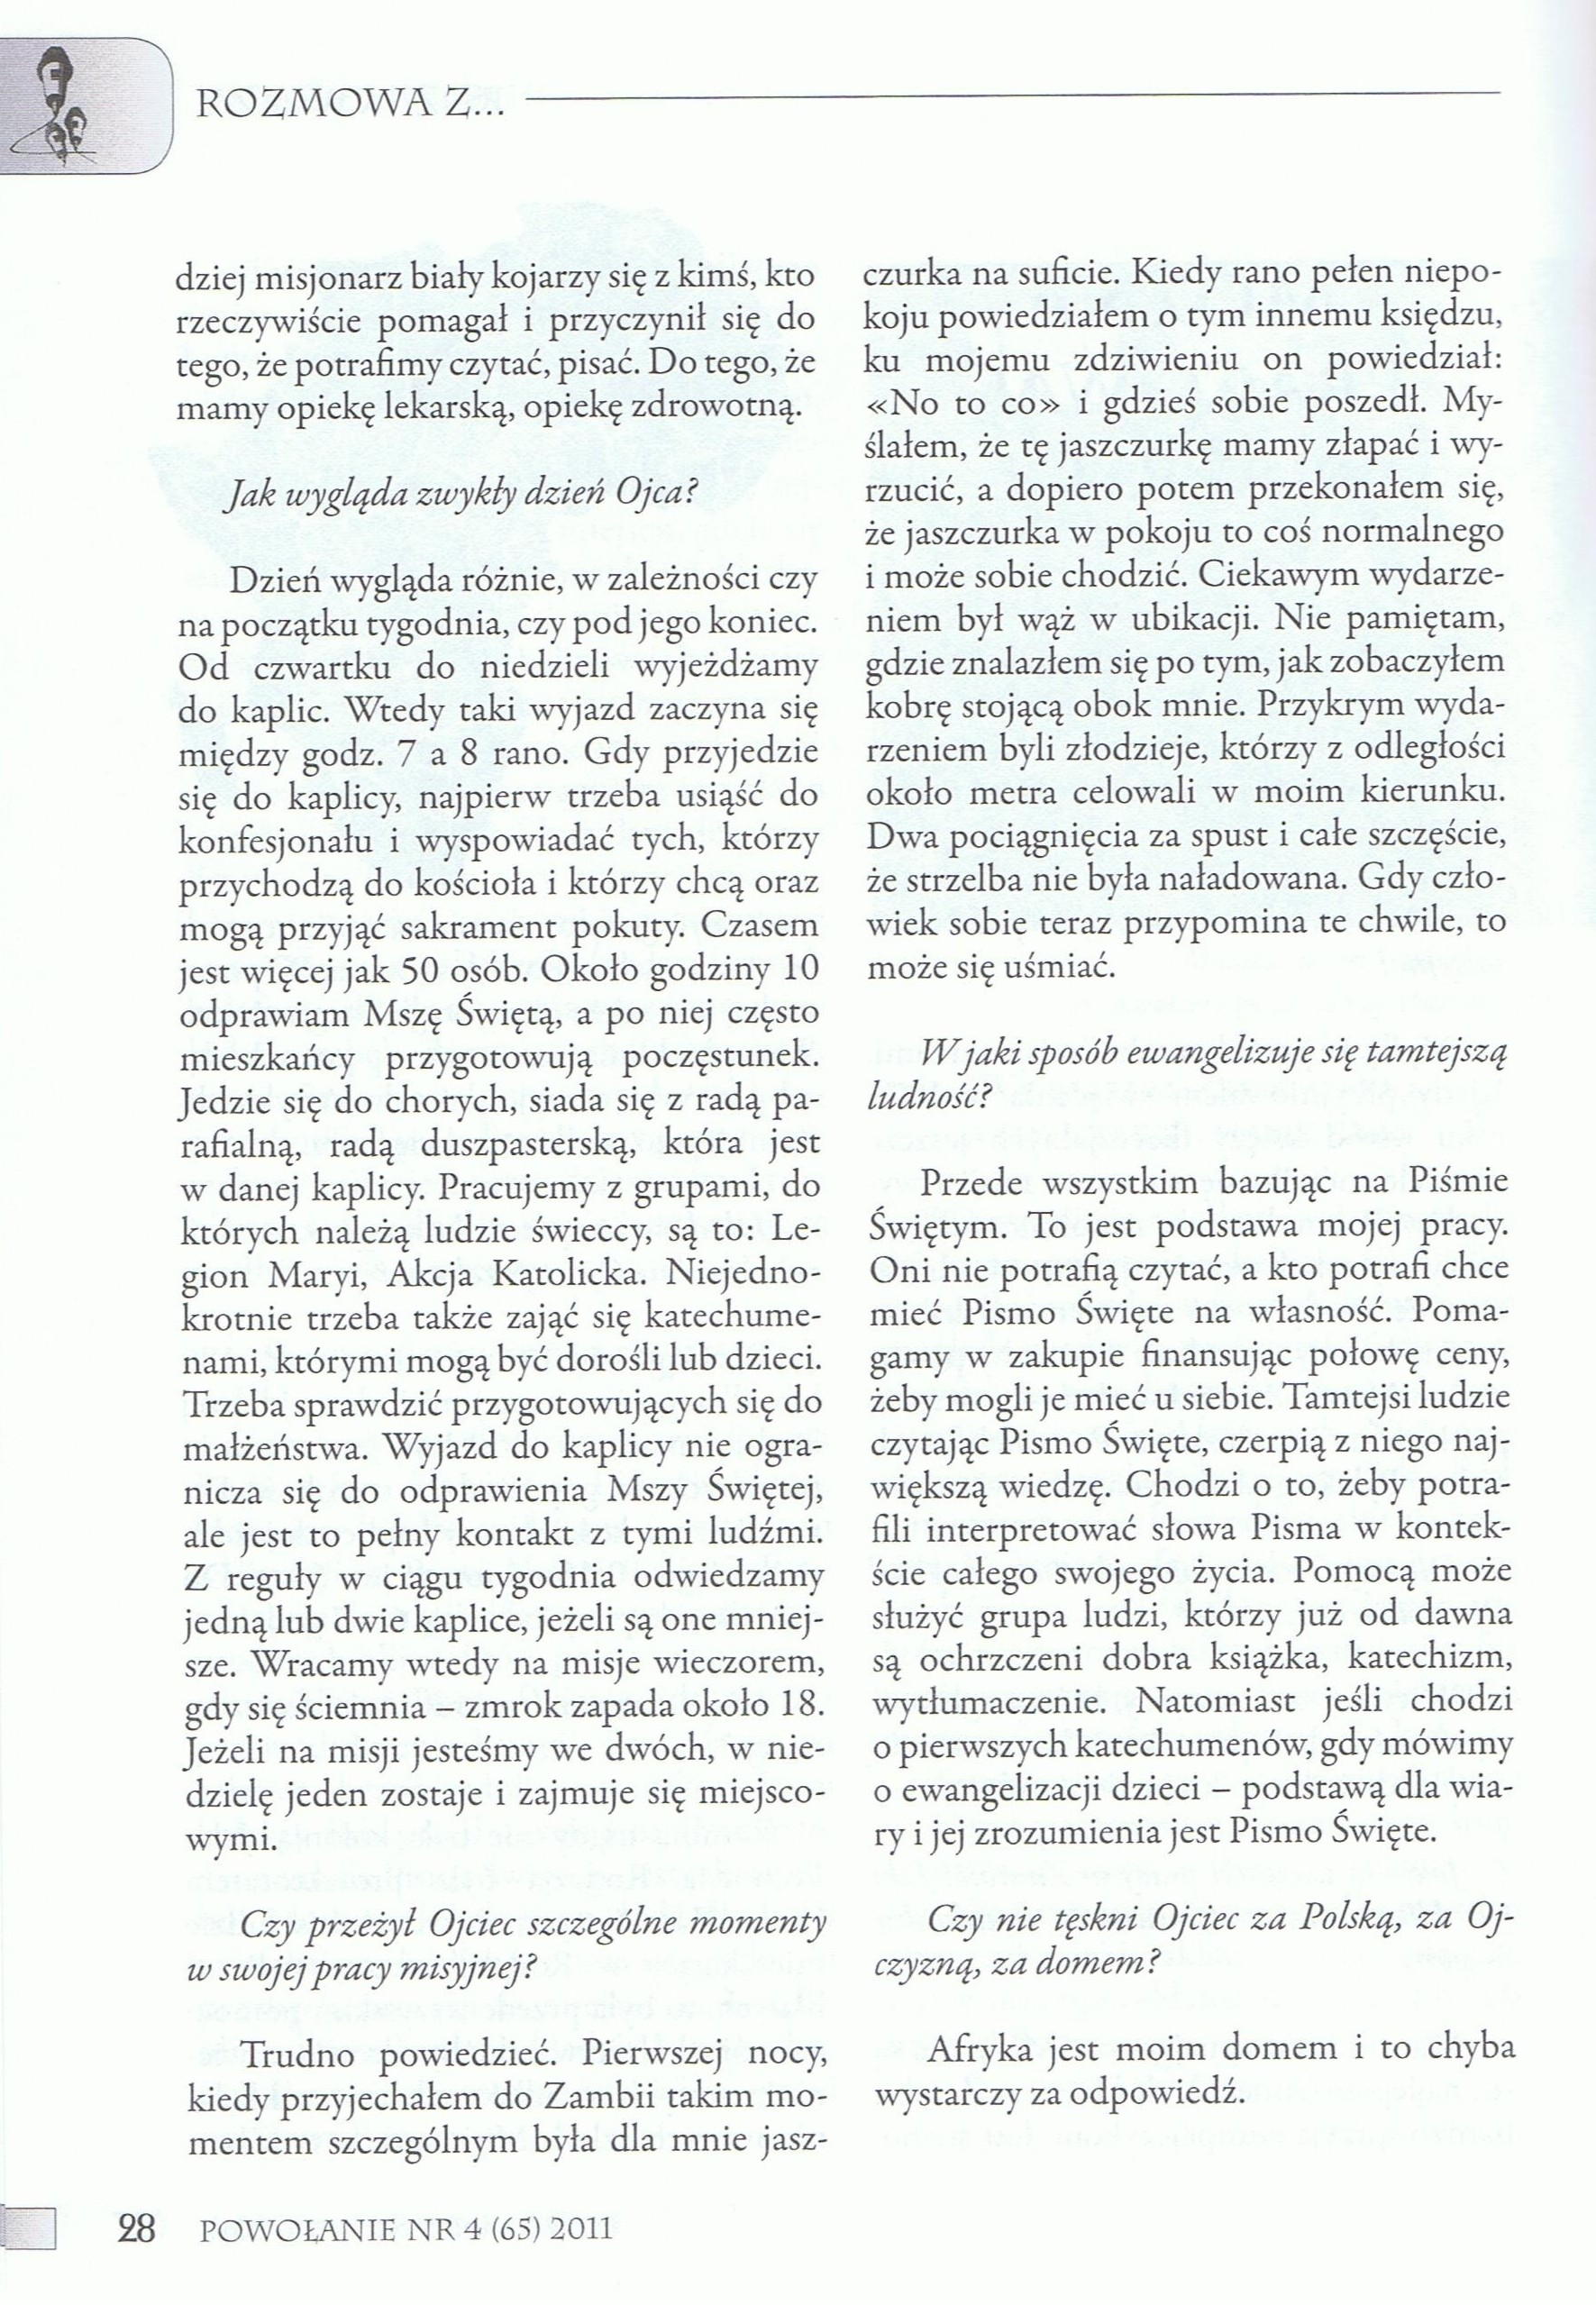 Powołanie, str. 28